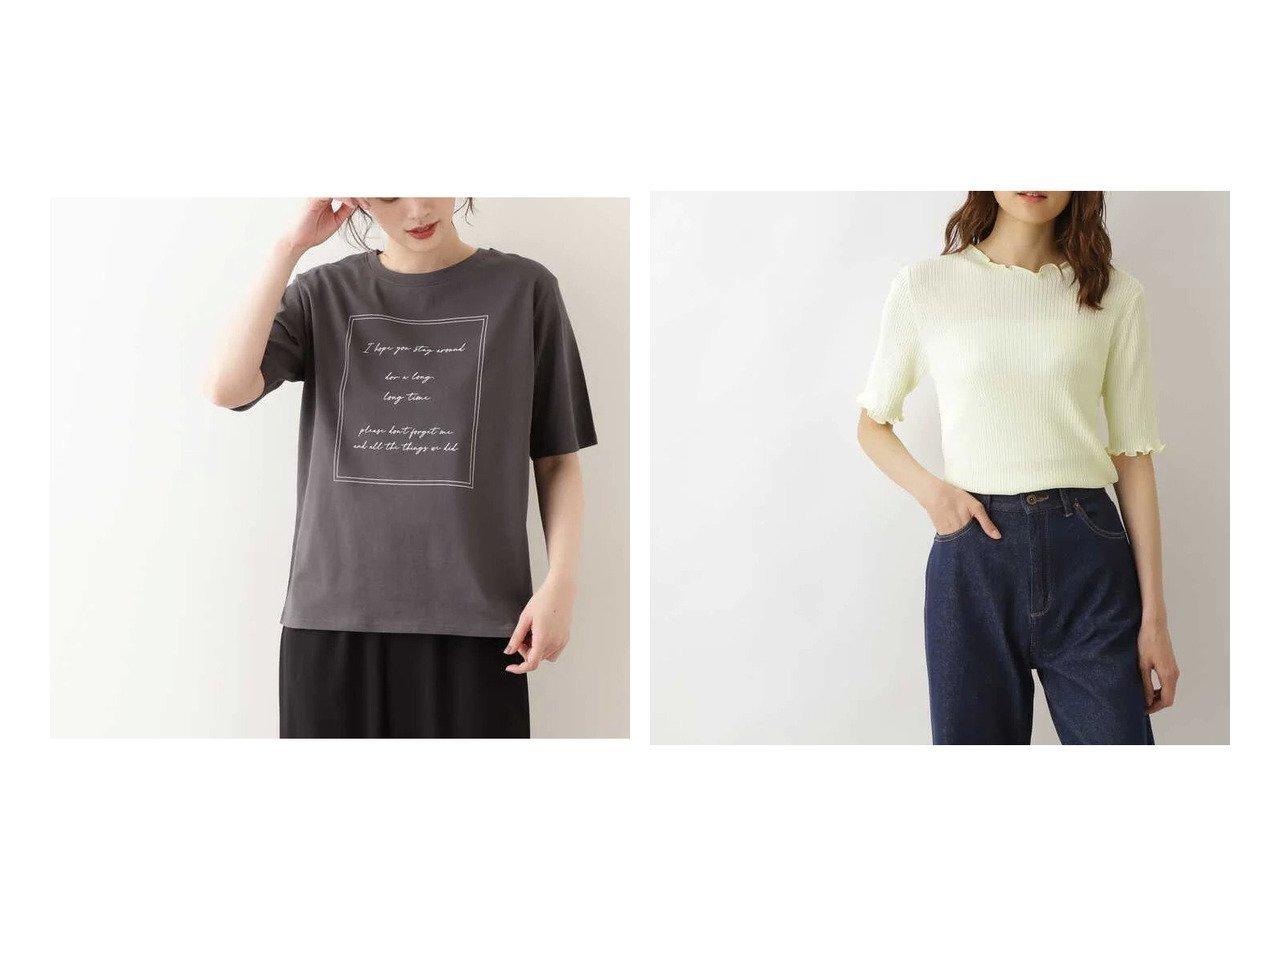 【NATURAL BEAUTY BASIC/ナチュラル ビューティー ベーシック】の洗える メローリブニット&スクエアロゴTシャツ 【トップス・カットソー】おすすめ!人気、トレンド・レディースファッションの通販 おすすめで人気の流行・トレンド、ファッションの通販商品 インテリア・家具・メンズファッション・キッズファッション・レディースファッション・服の通販 founy(ファニー) https://founy.com/ ファッションモデル・俳優・女優 Models 女性 Women 竹下玲奈 Takeshita Rena ファッション Fashion レディースファッション WOMEN トップス・カットソー Tops/Tshirt ニット Knit Tops シャツ/ブラウス Shirts/Blouses ロング / Tシャツ T-Shirts シンプル フリル 洗える スクエア |ID:crp329100000045613